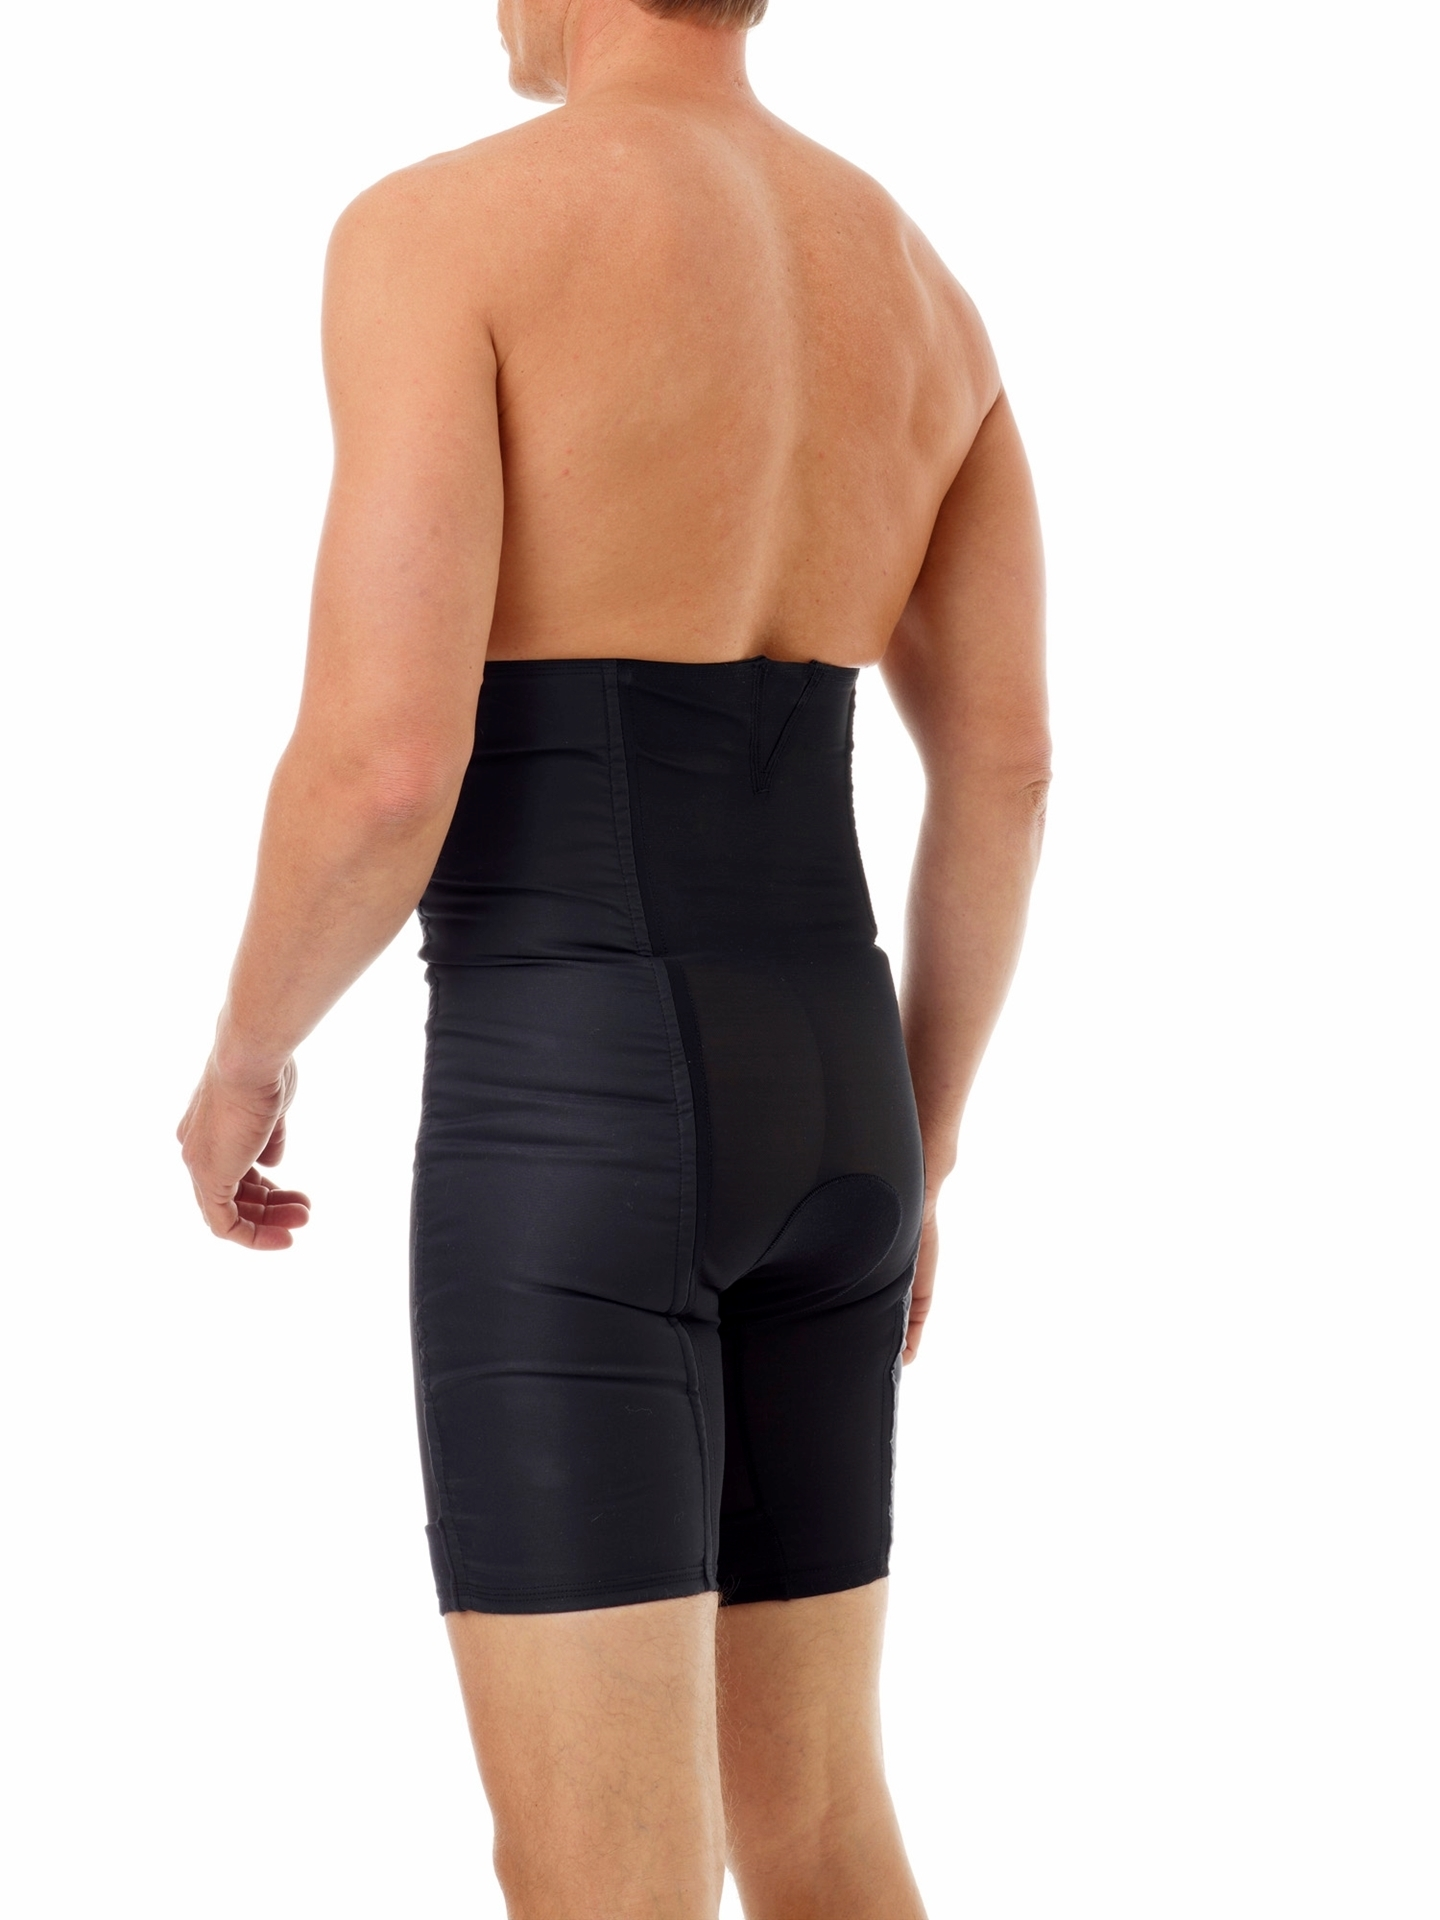 Men Shapewear Tummy Stomach Control Girdle